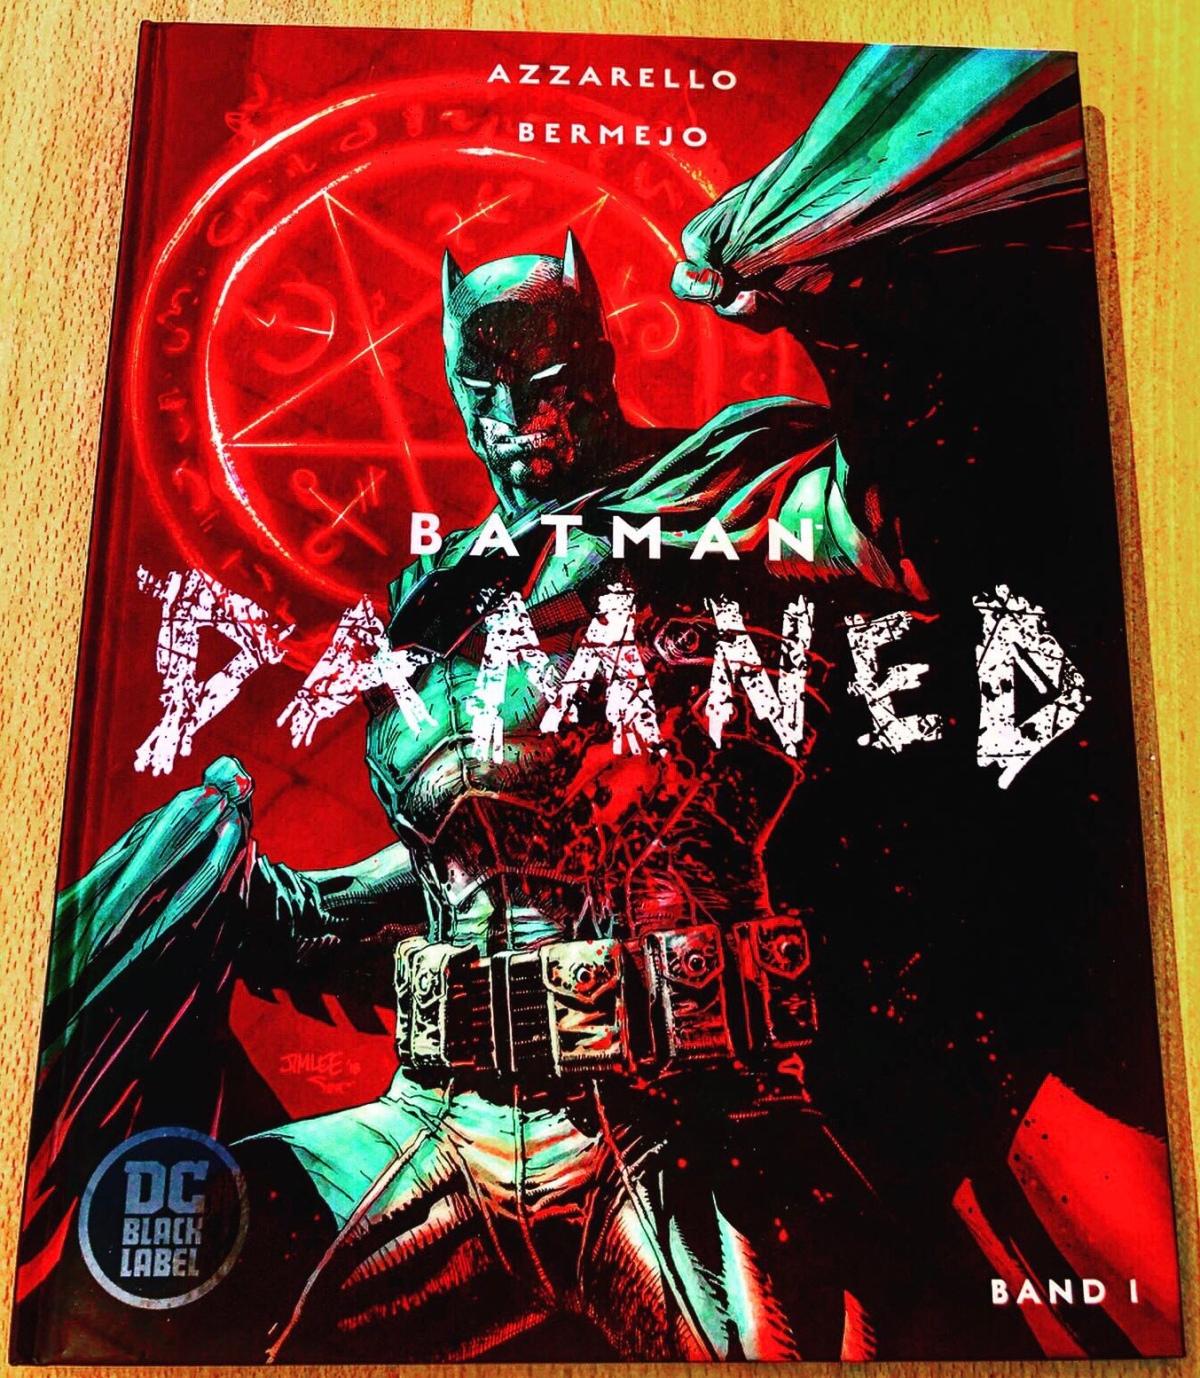 Der düstere Einstieg | Batman Damned Band 1 |Gedankenspiel